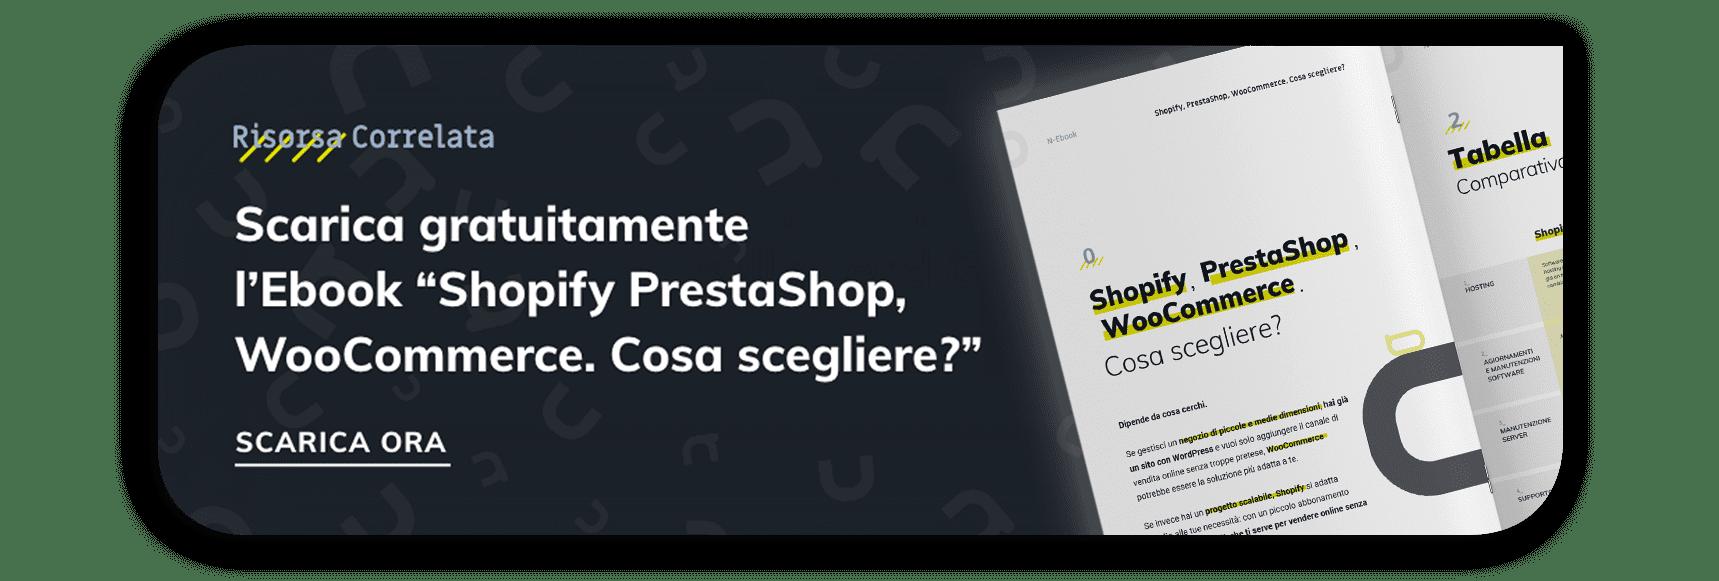 Scarica l'ebook comparativo tra Shopify, Prestashop e WooCommerce